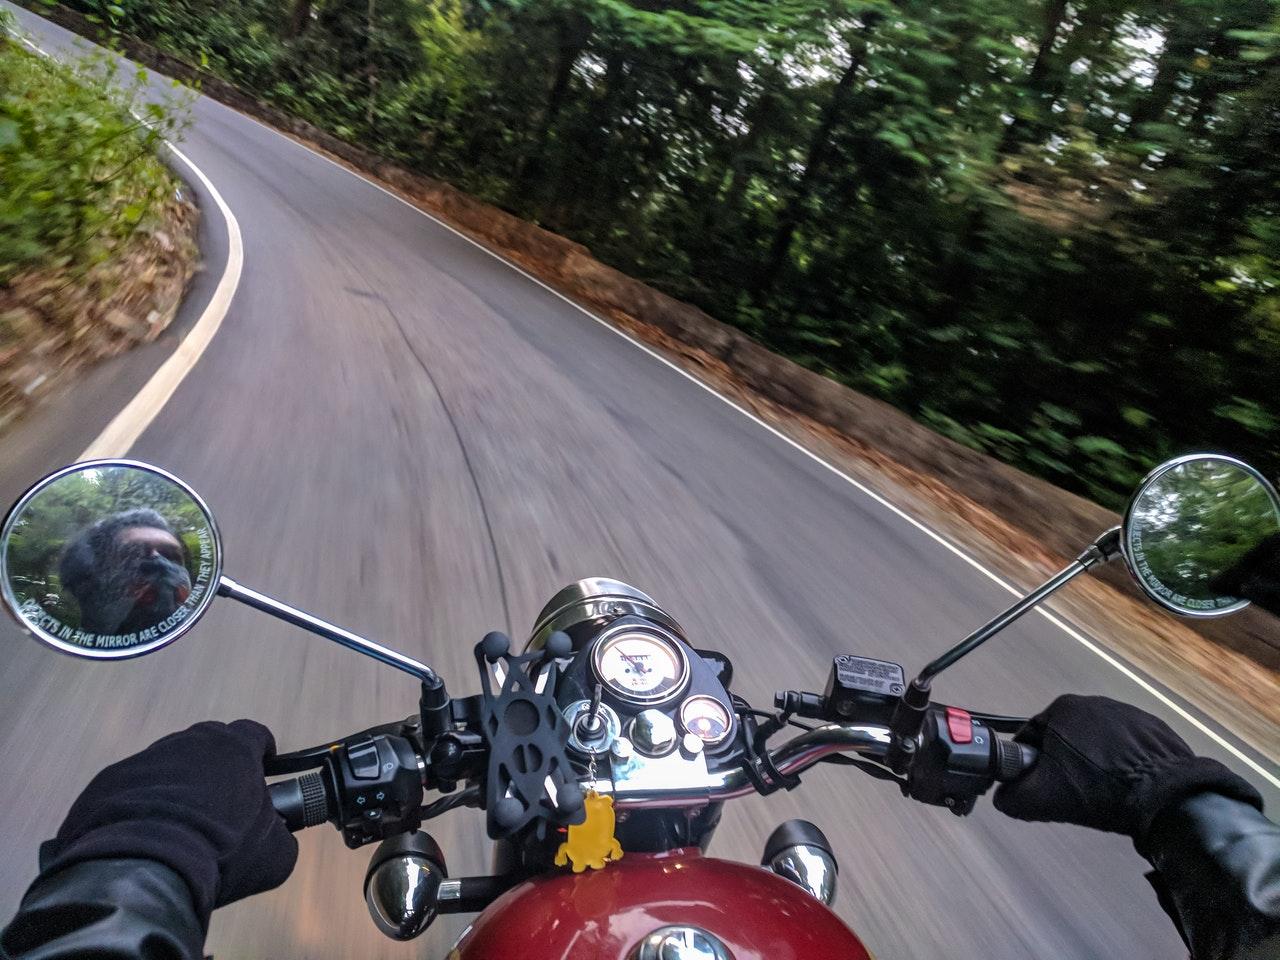 Quelle indemnisation pour le motard, en cas d'accident de moto?